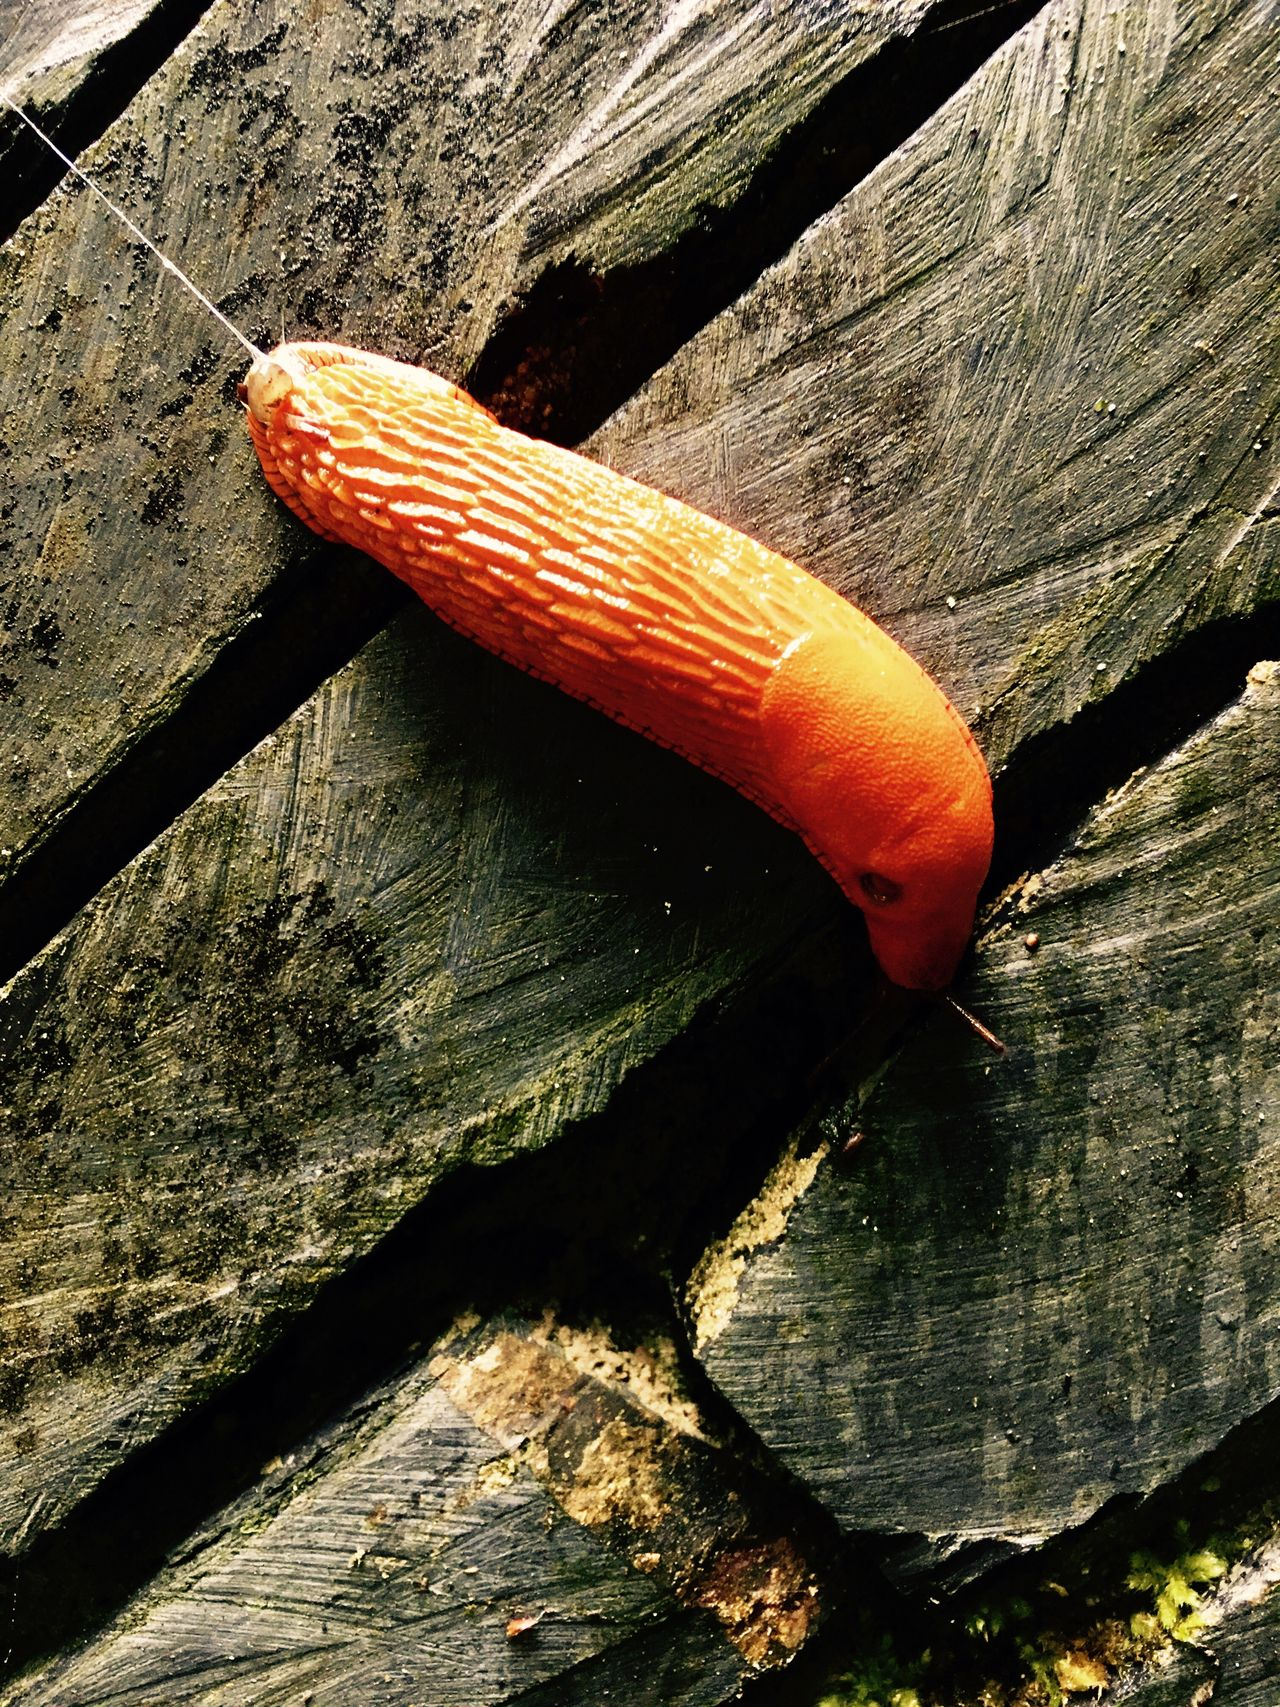 One Animal Close-up Animal Themes Outdoors Nature Slug Iphonese